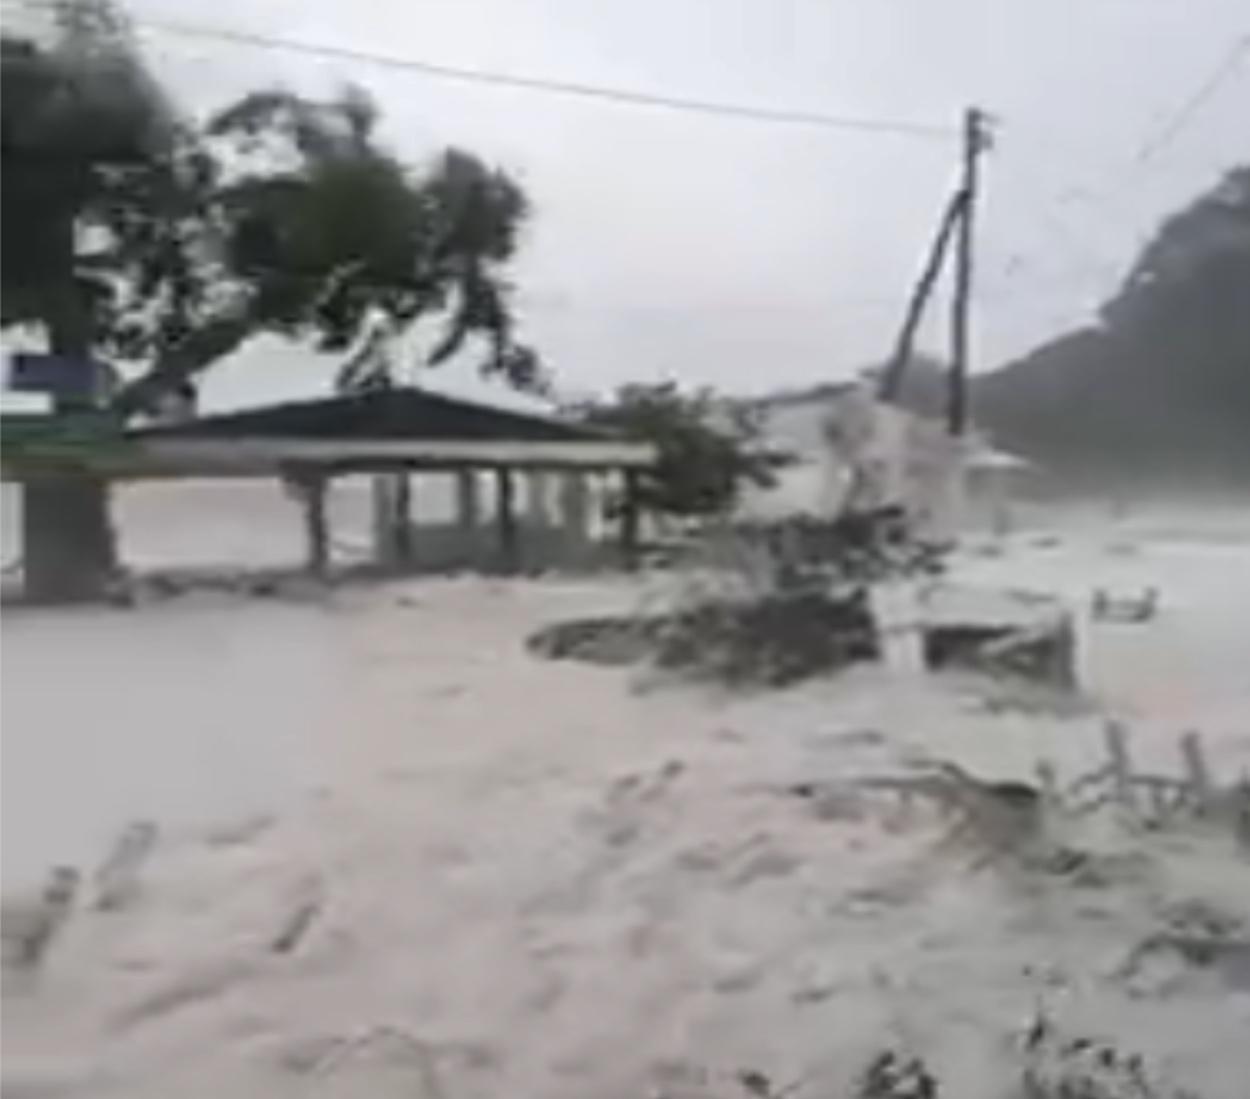 Ιθάκη – Ιανός: Νέες εικόνες καταστροφής! Γέμισαν αφρούς οι Φρίκες – Το φαινόμενο καπουτσίνο (video)